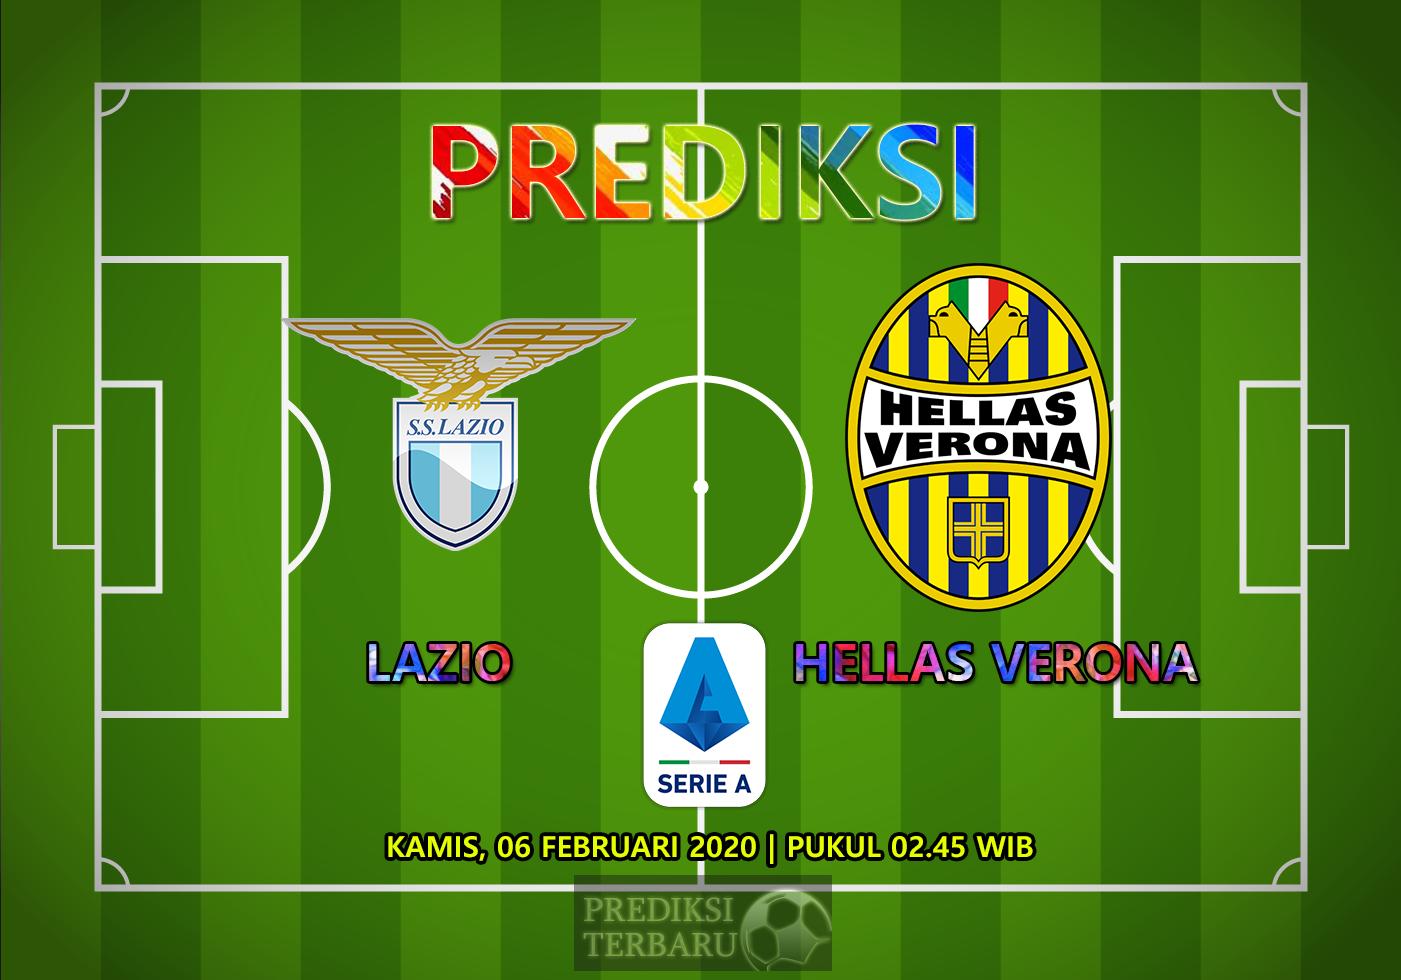 Prediksi Lazio Vs Hellas Verona 06 Februari